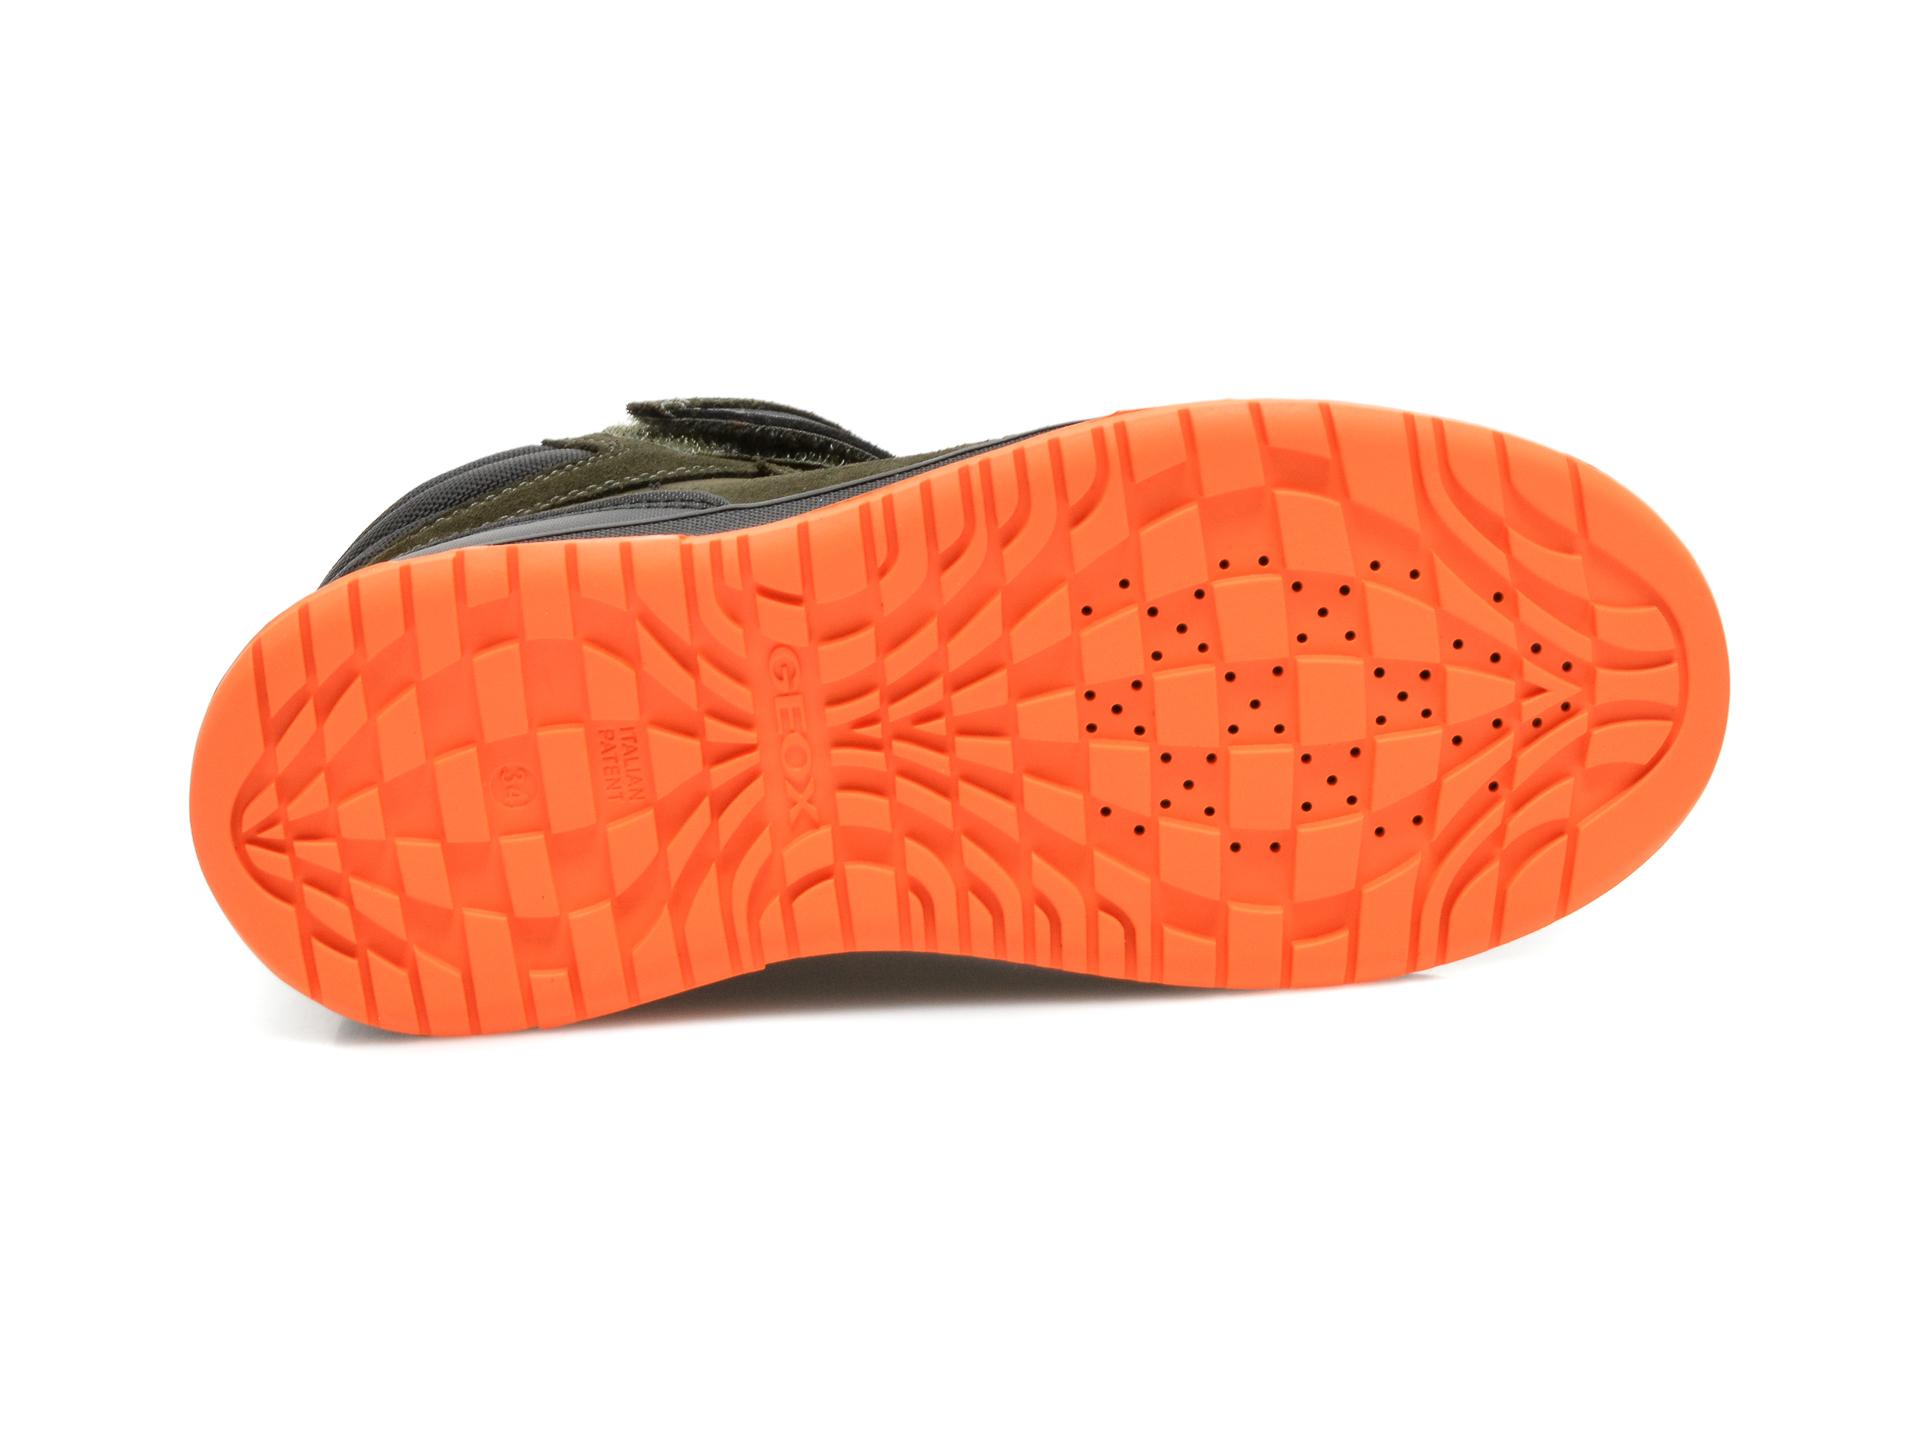 Ghete GEOX kaki, J16FDA, din piele naturala - 7